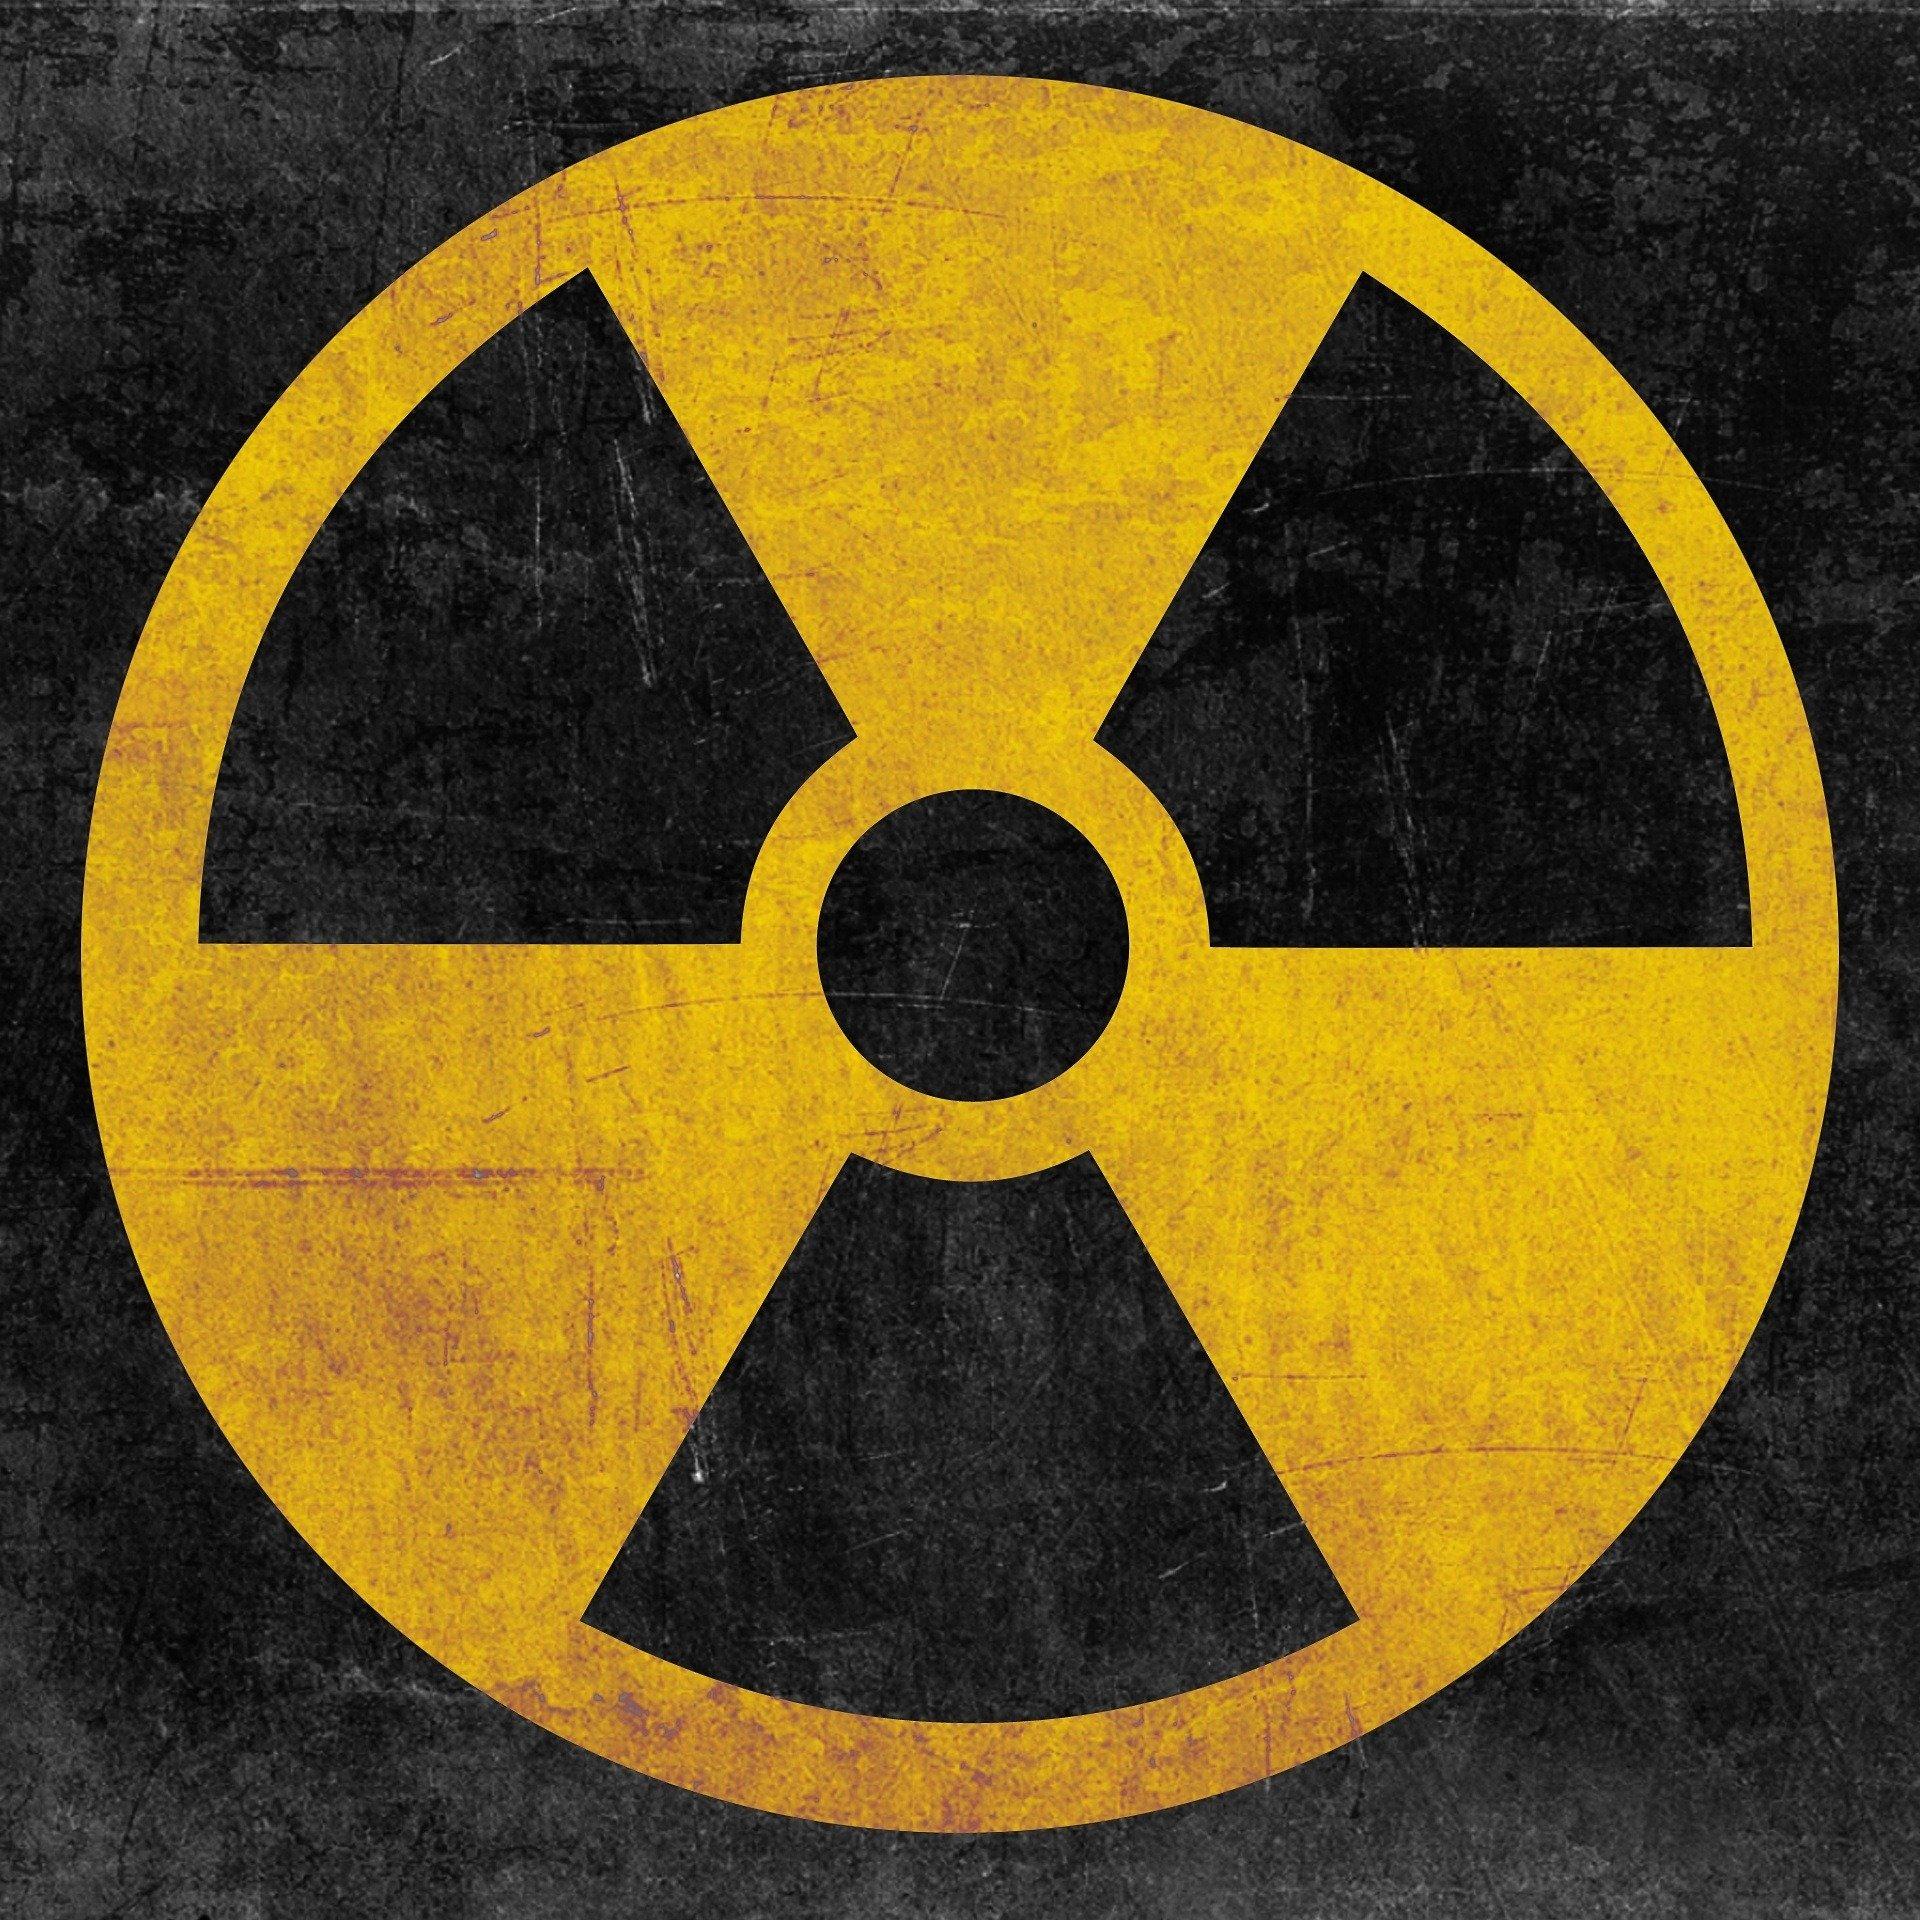 Keine Abschirmung von Röntgenstrahlen: Wie die Wissenschaft Umdenken führen Schürzen